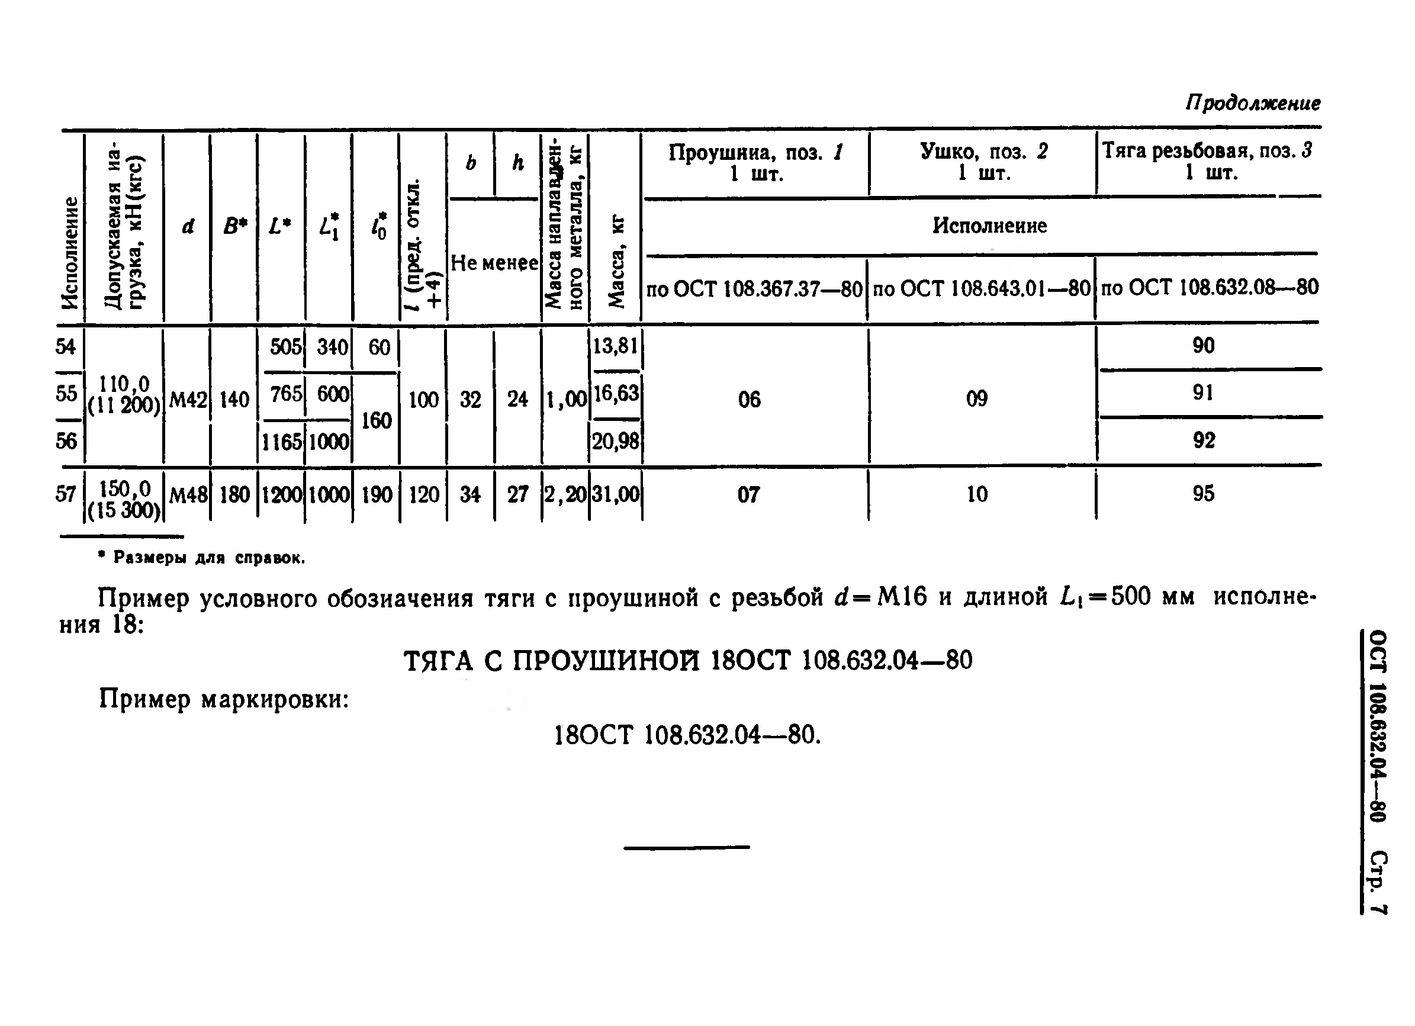 Тяги резьбовые с проушиной ОСТ 108.632.04-80 стр.7